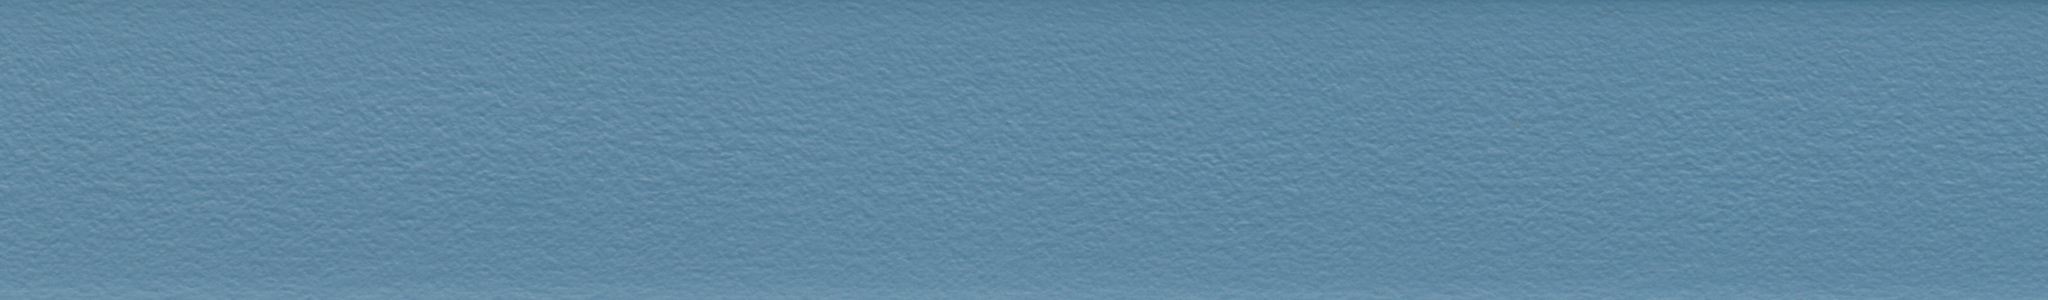 HU 150023 ABS hrana modrá perla jemná 107